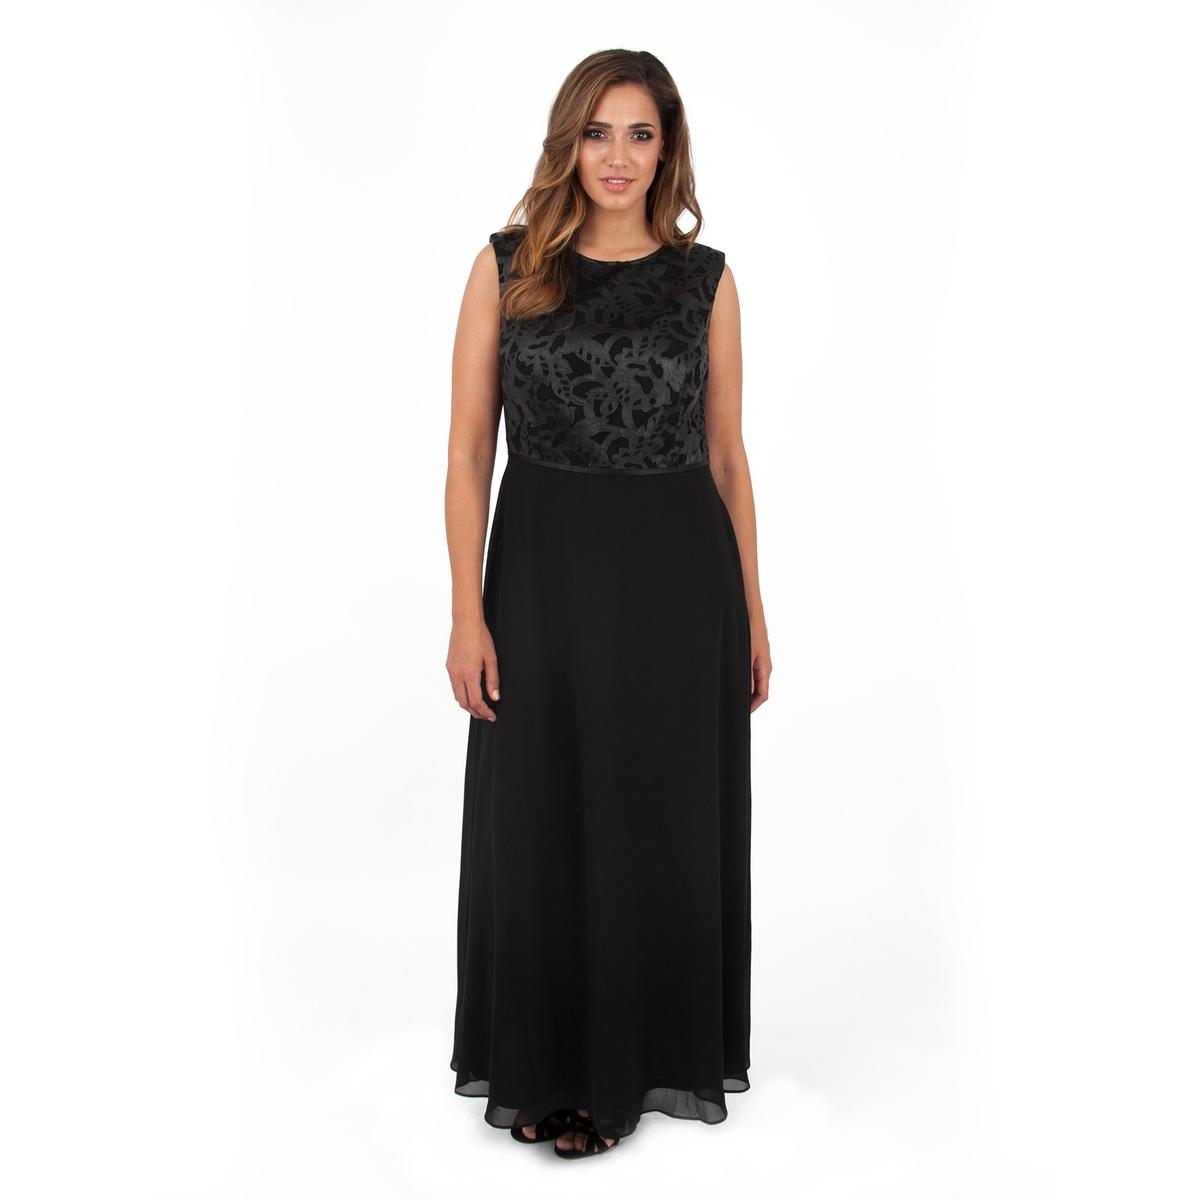 Платье длинноеПлатье длинное без рукавов - LOVEDROBE. Скрытая застежка на молнию на спине.Длина ок 155 см. 100% полиэстер.<br><br>Цвет: черный